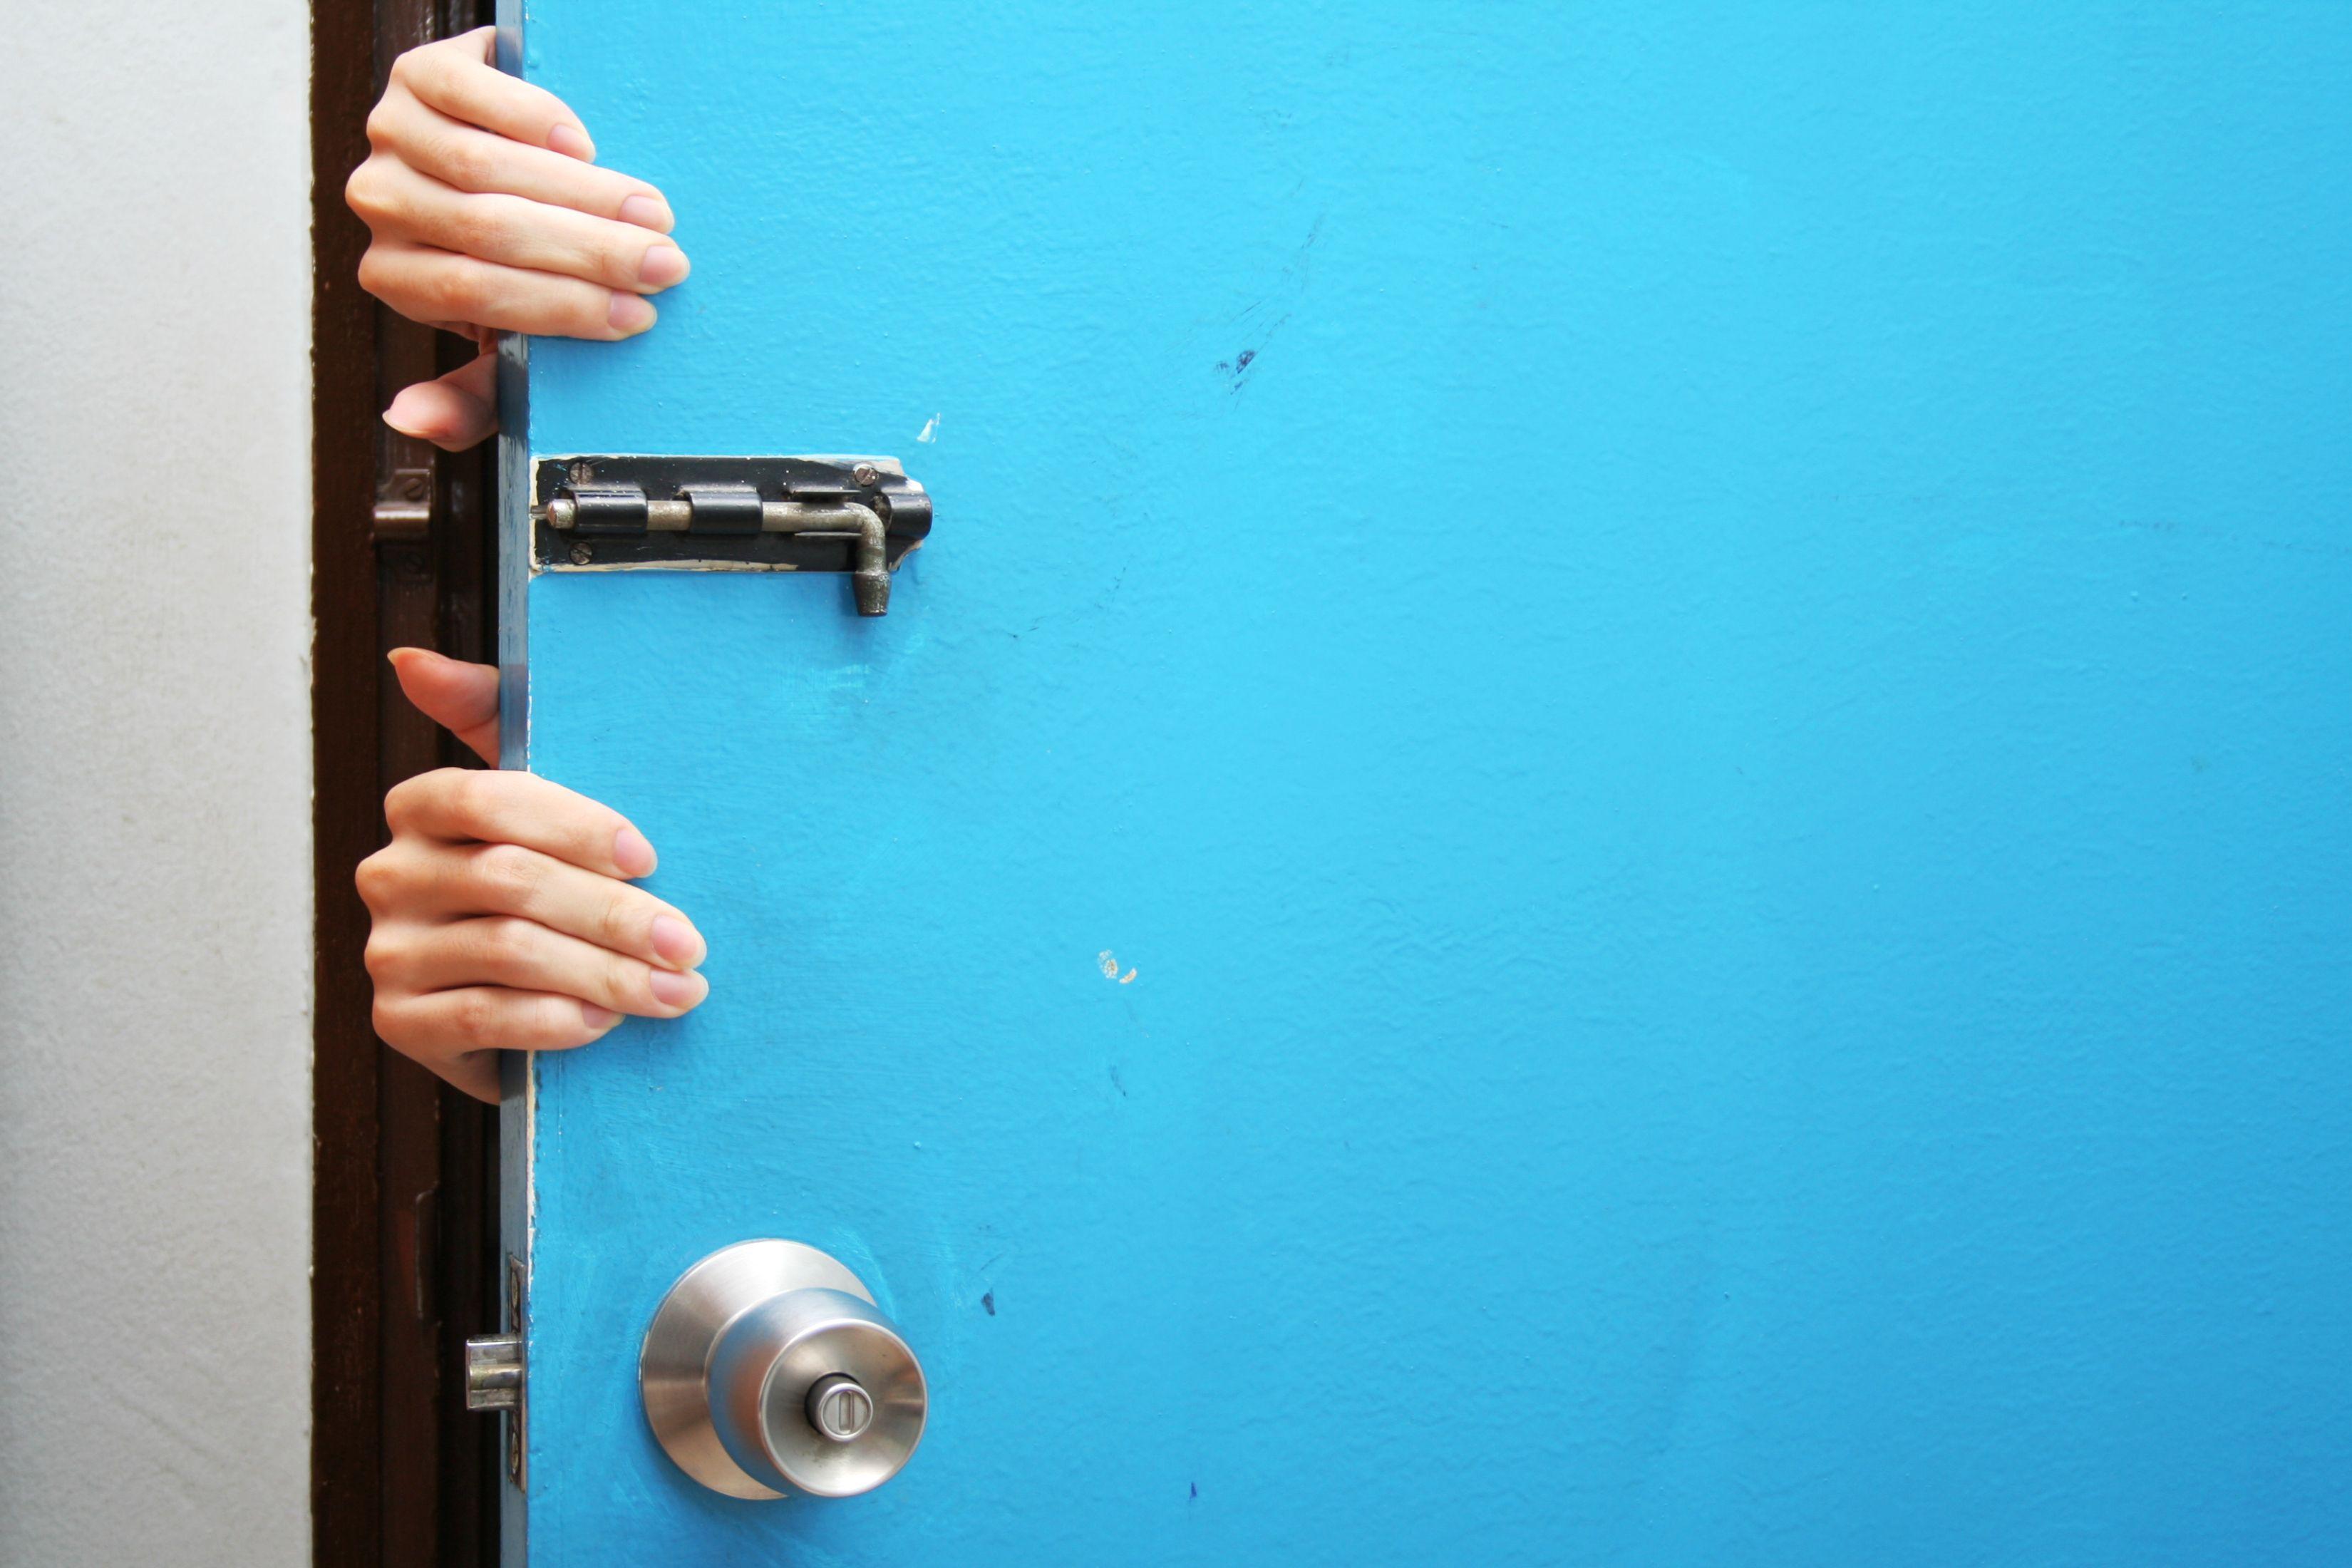 Manos tras la puerta azul para devolver router movistar